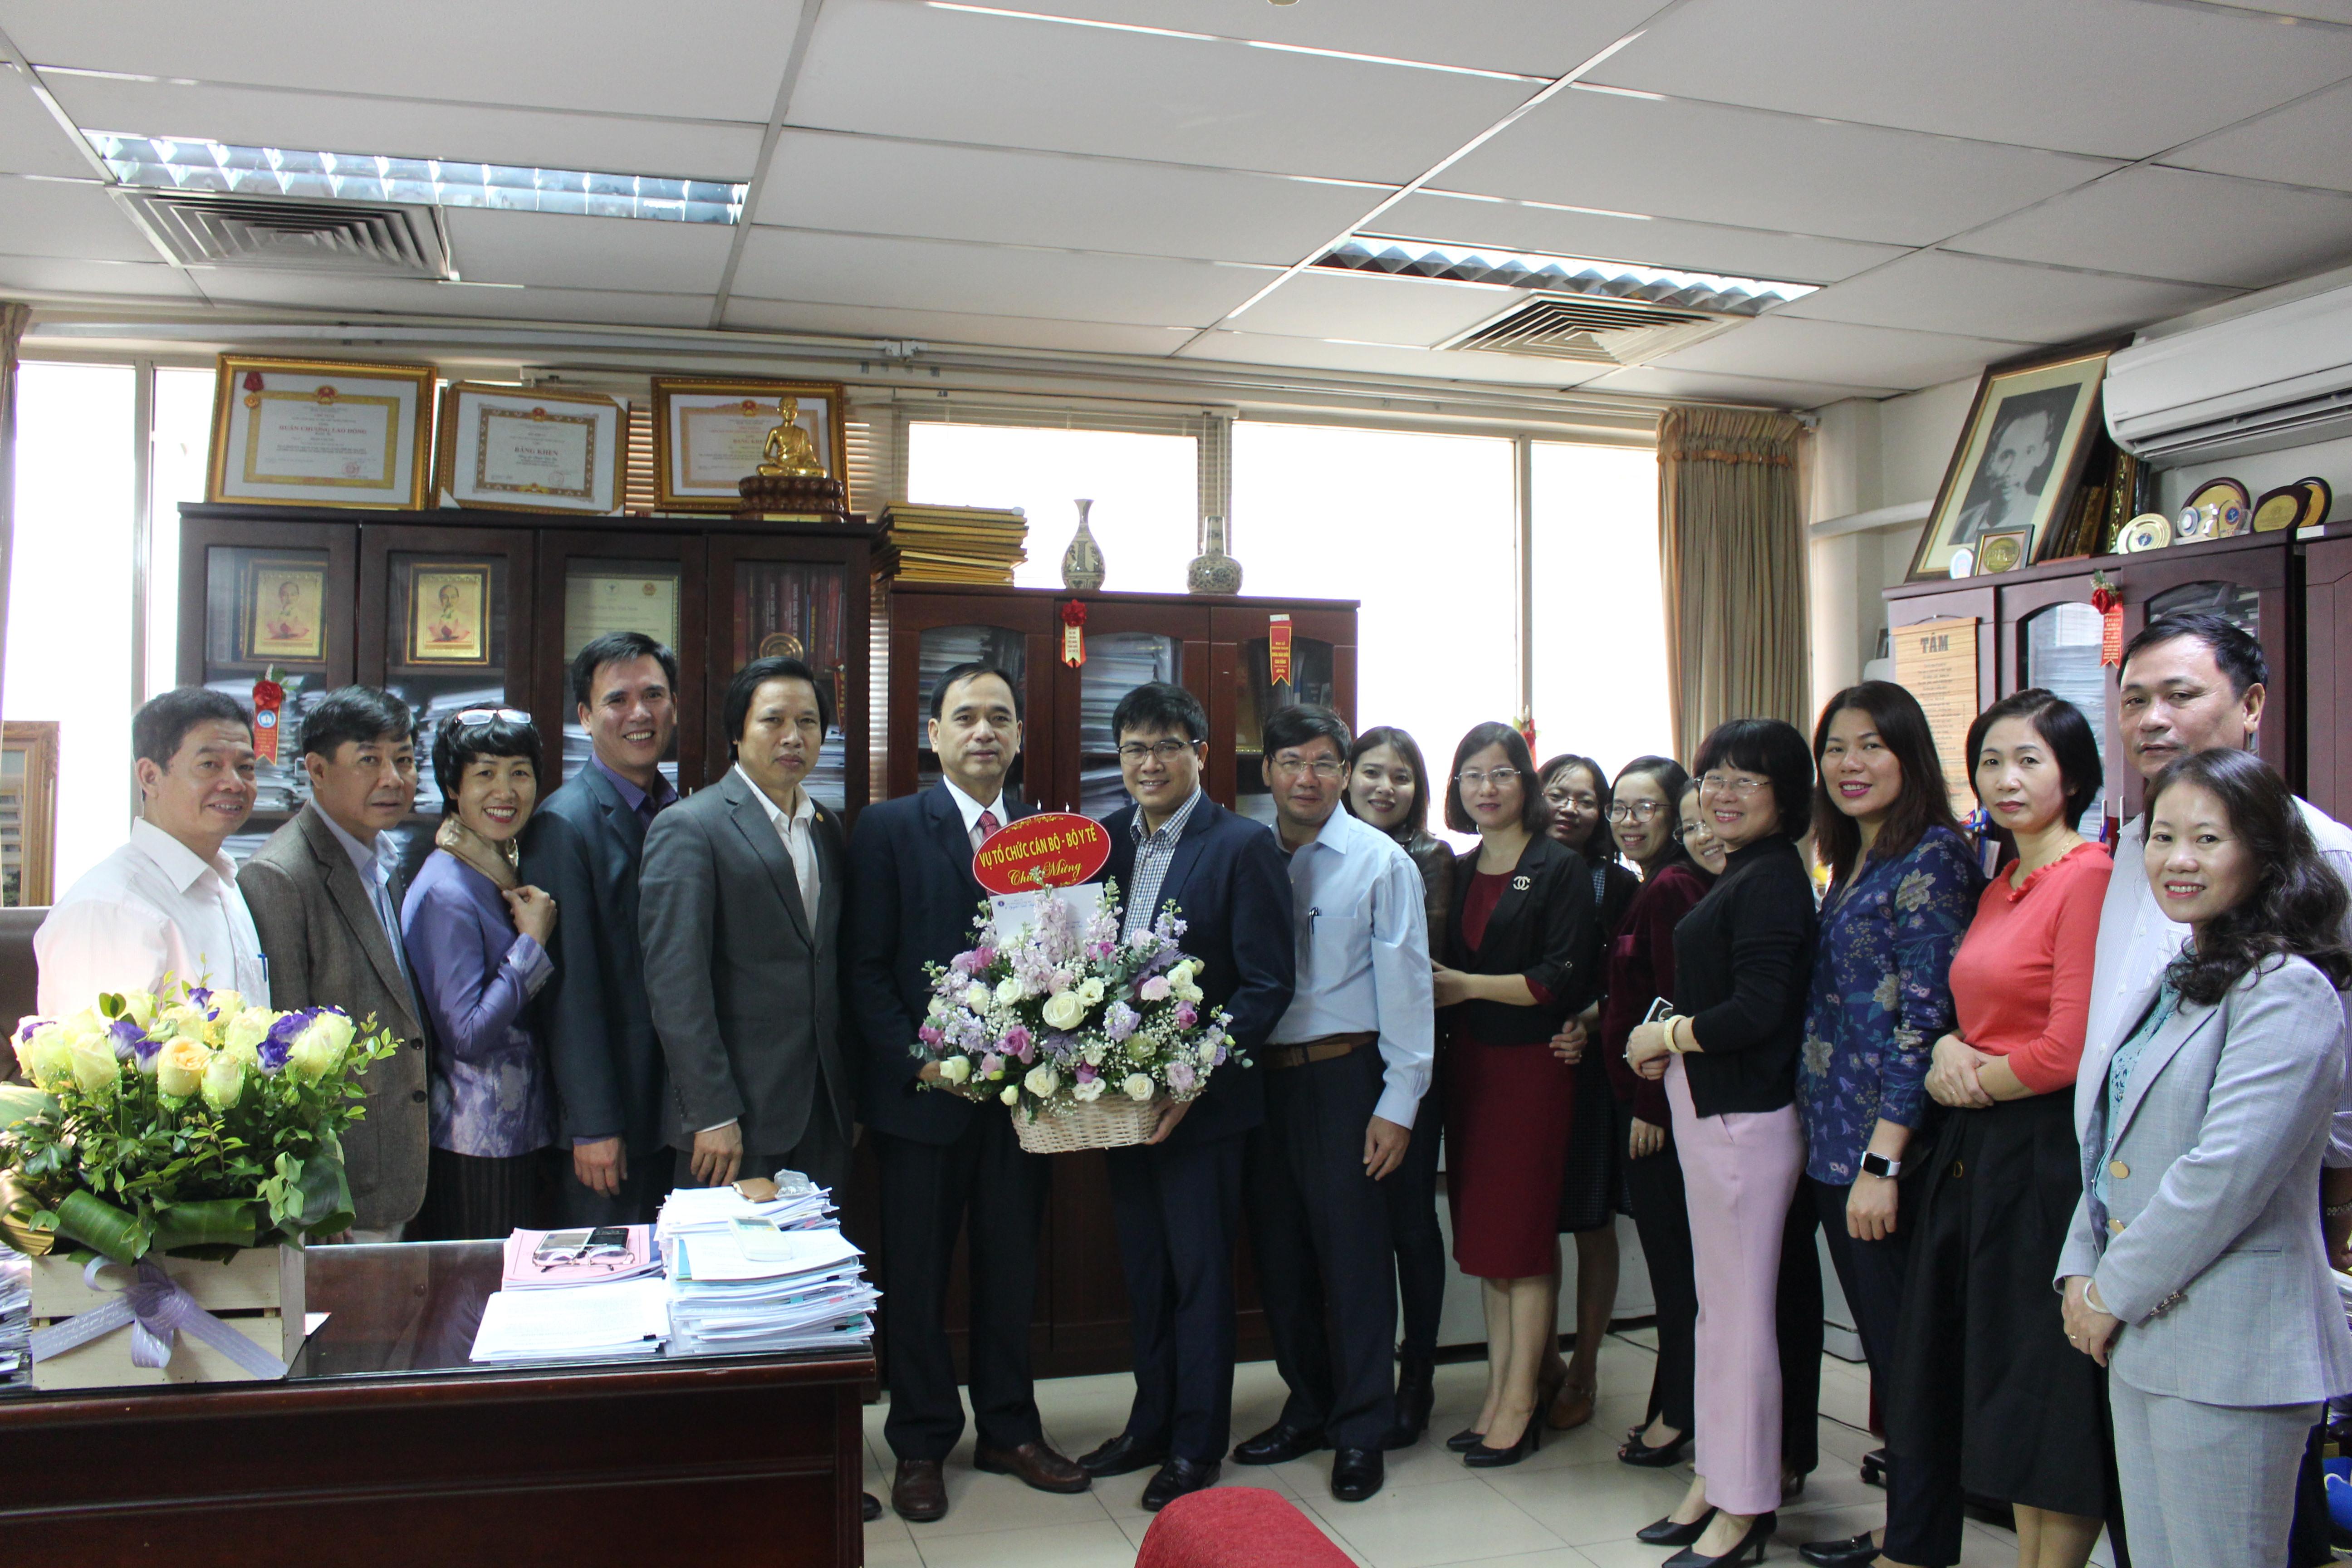 Vụ Tổ chức cán bộ chúc mừng ngày nhà giáo Việt Nam